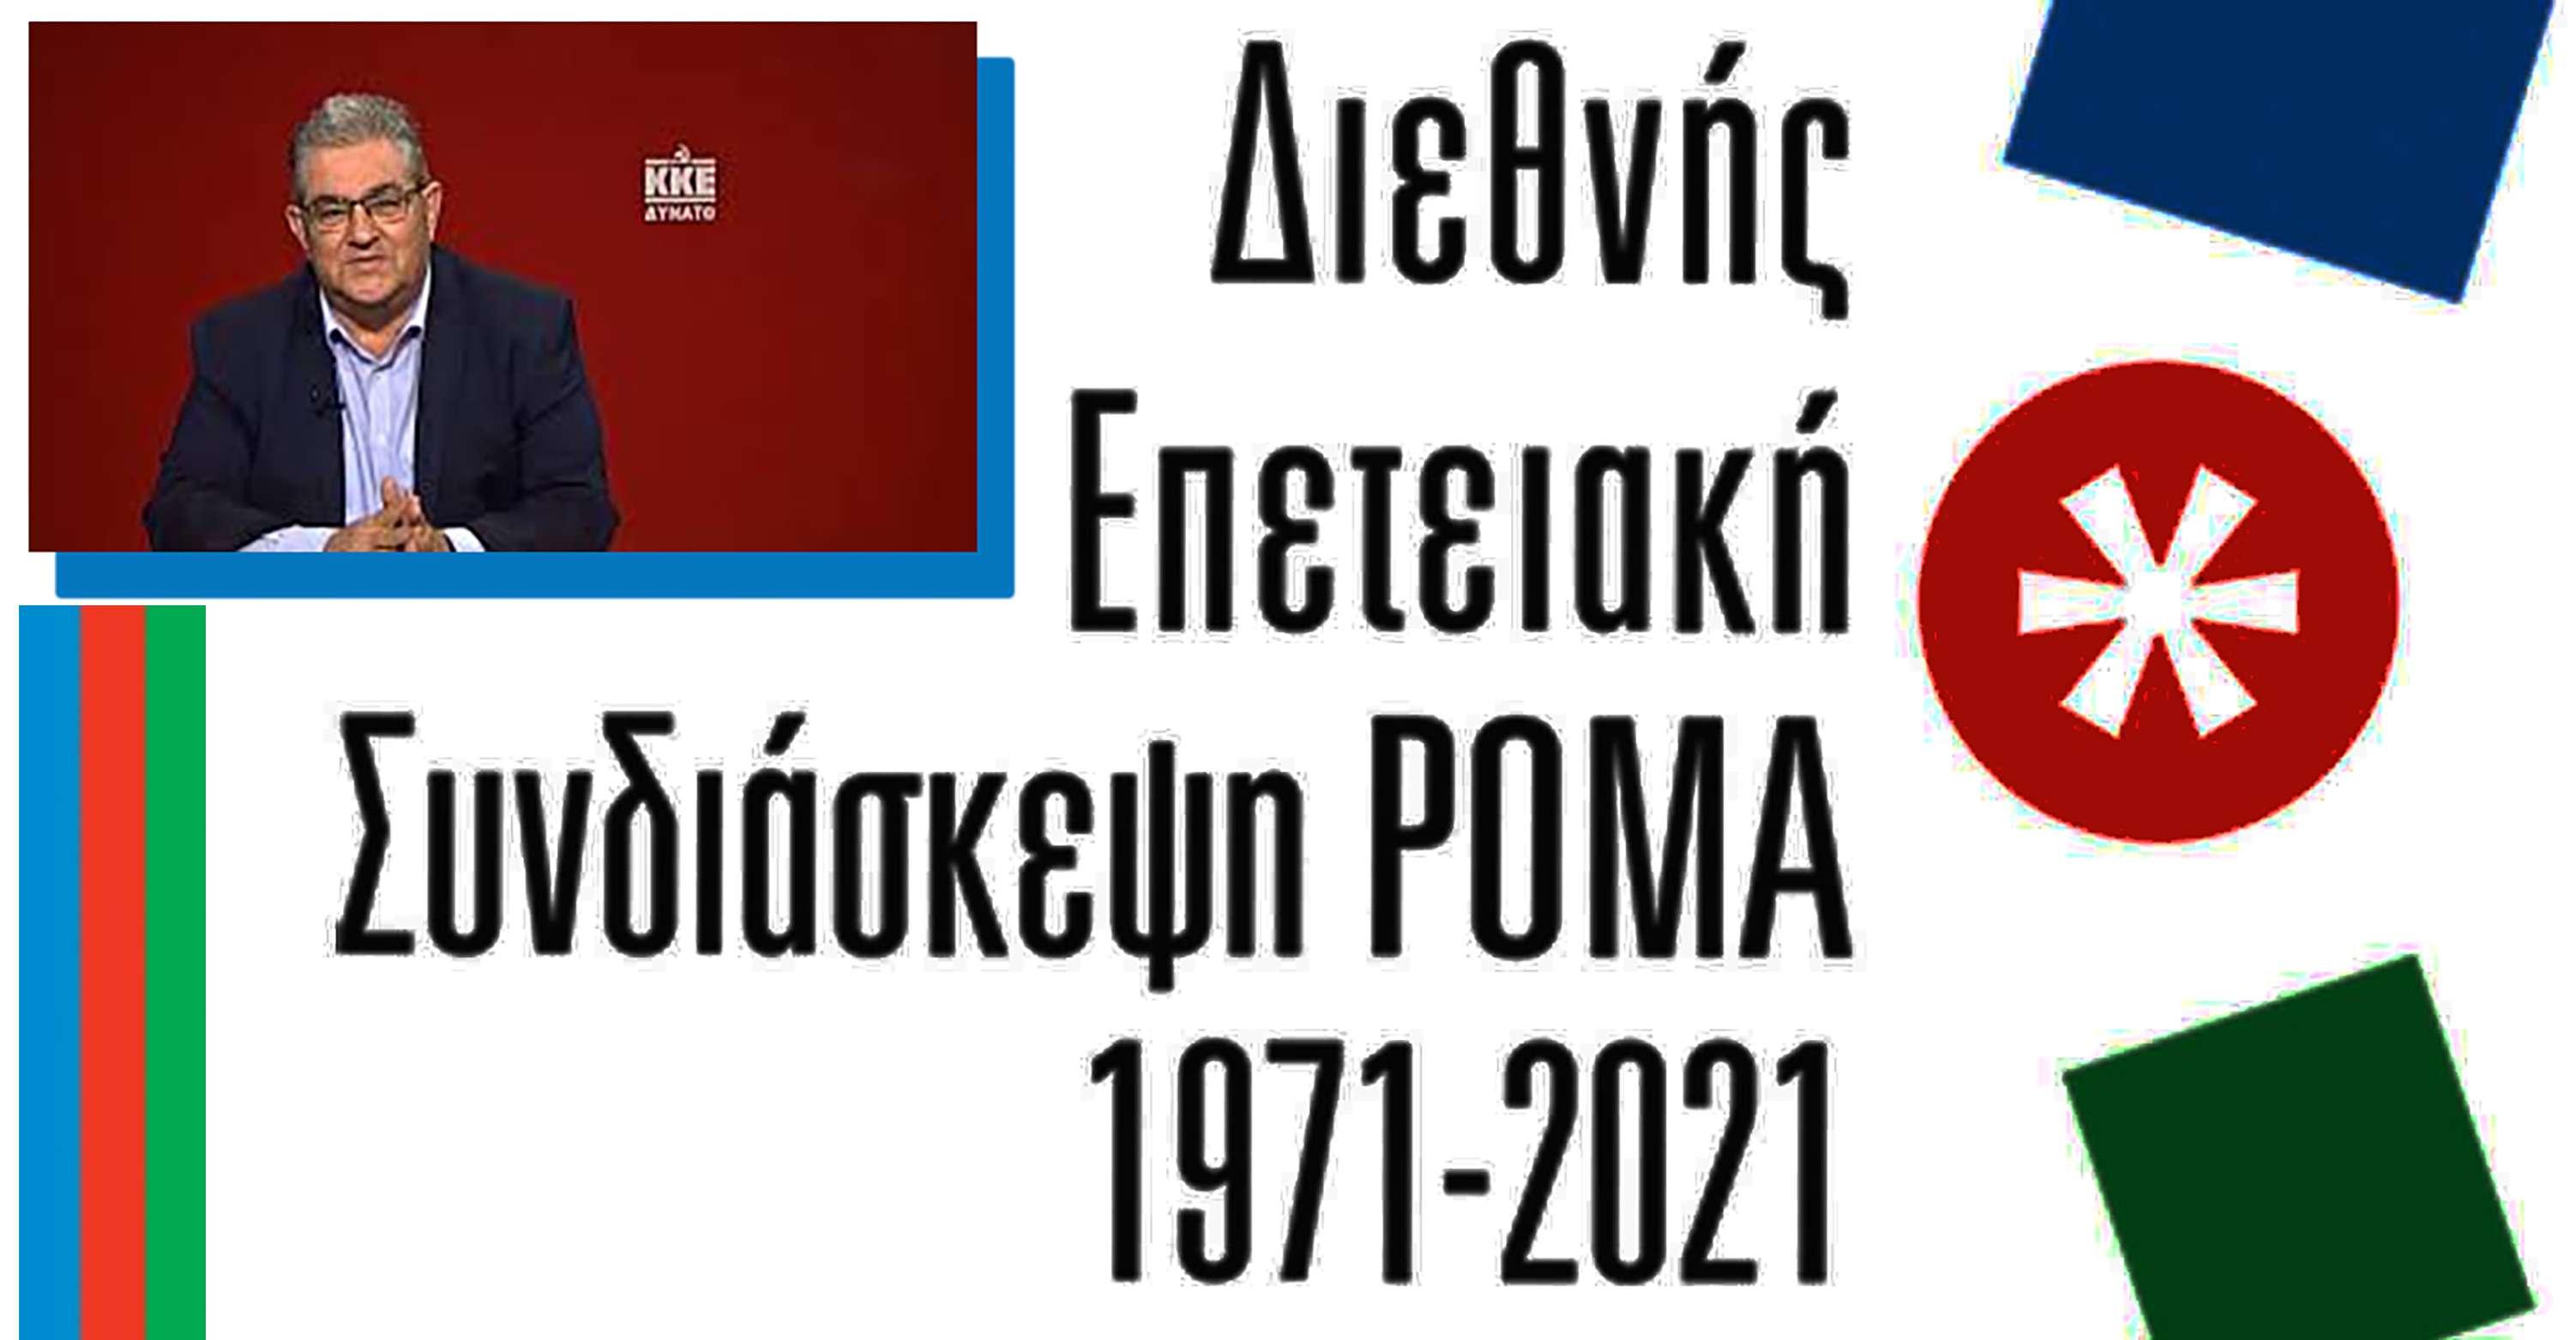 1ο Διήμερο της Διεθνούς Επετειακής Συνδιάσκεψης Ρομά 1971 2021